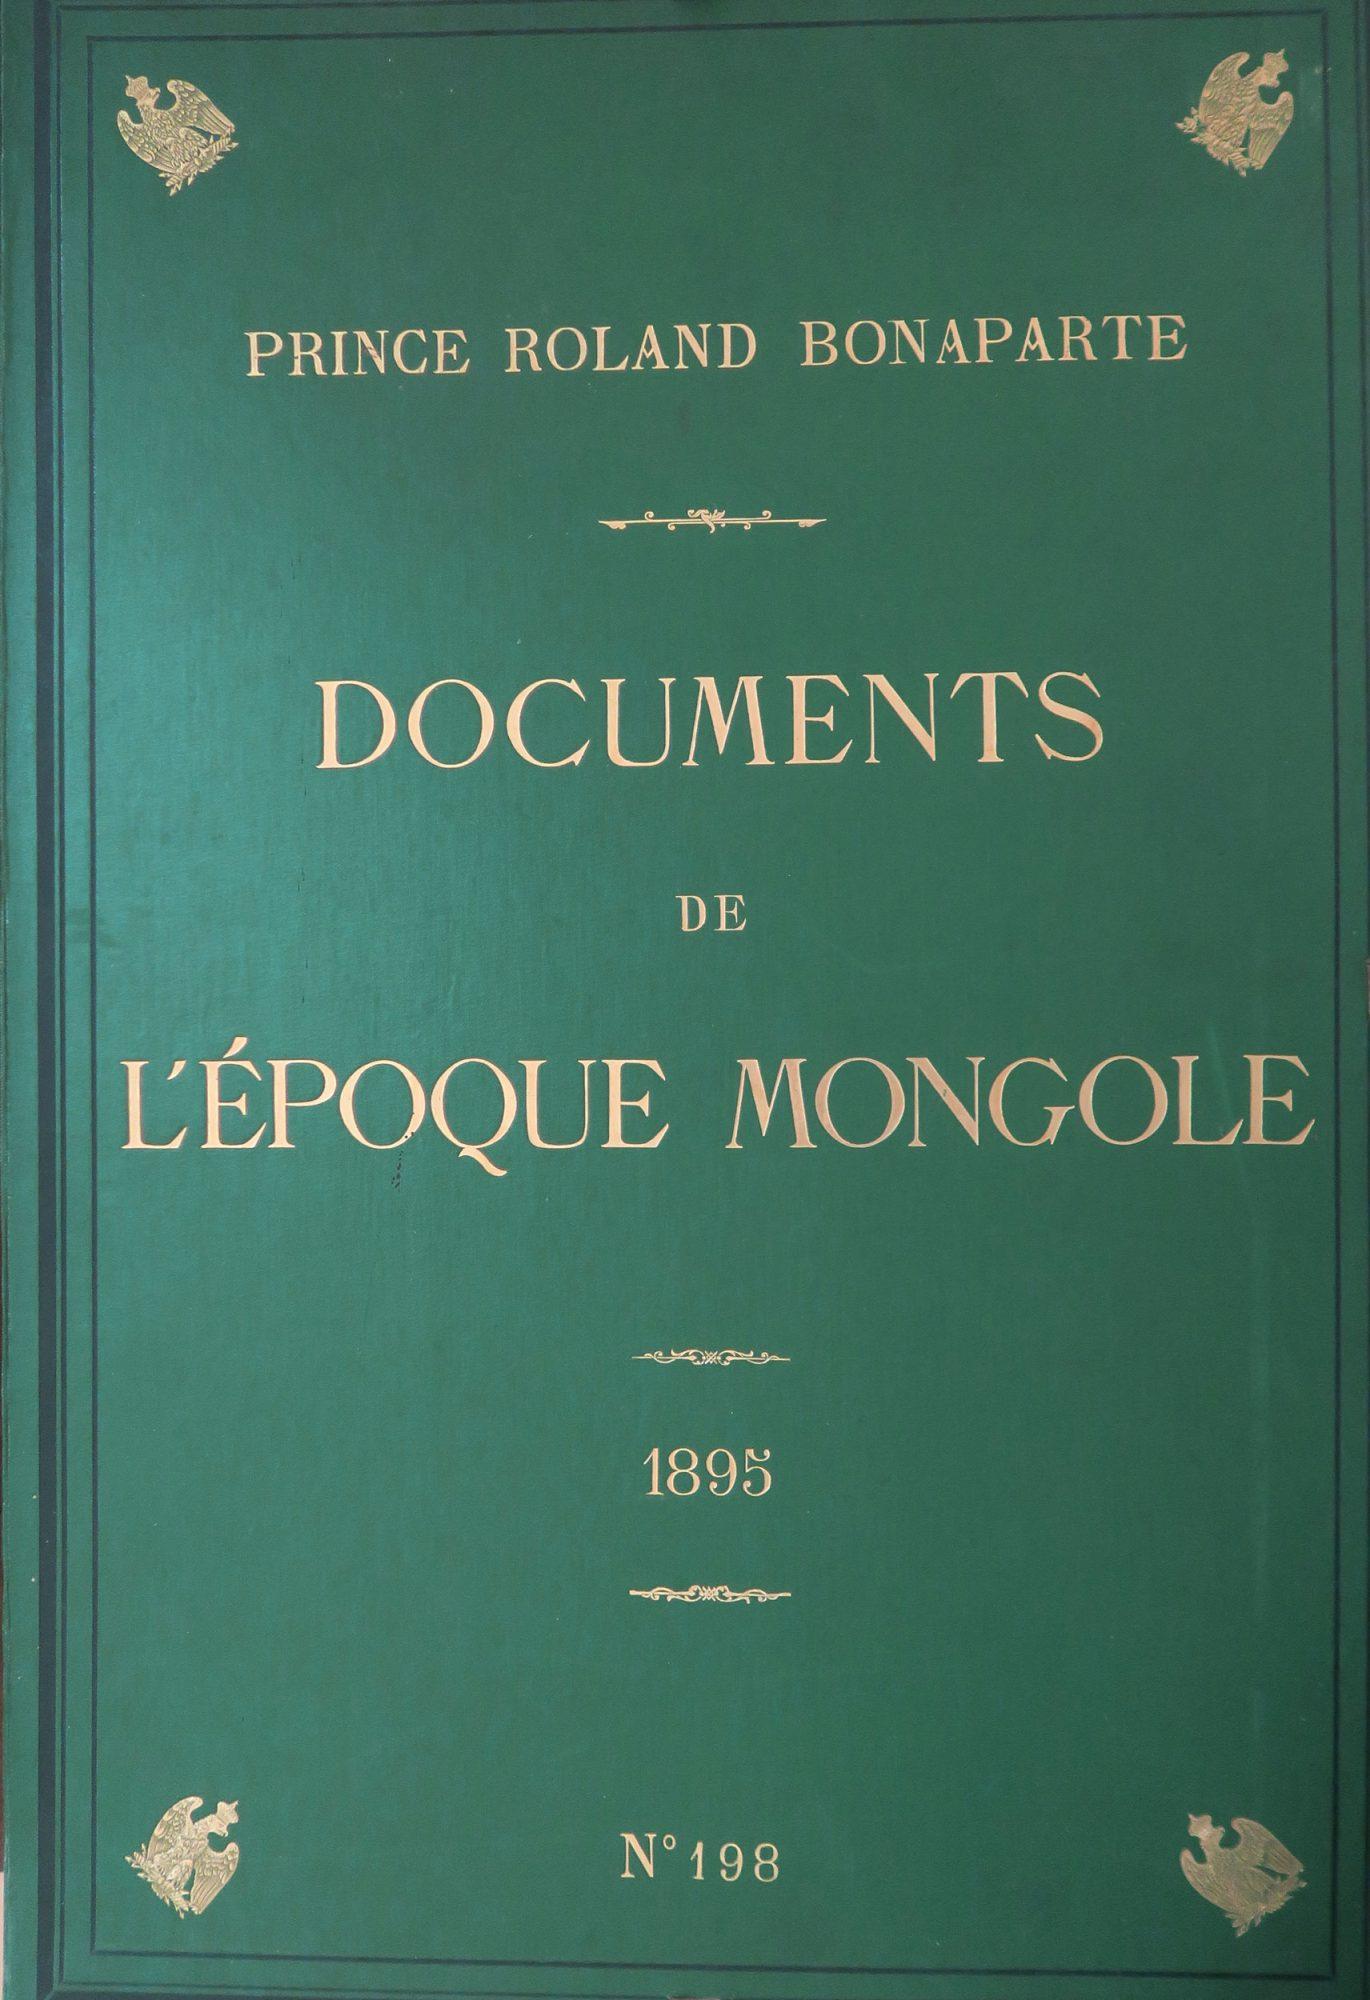 Documents de l'époque mongole des XIIIe et XIVe siècles